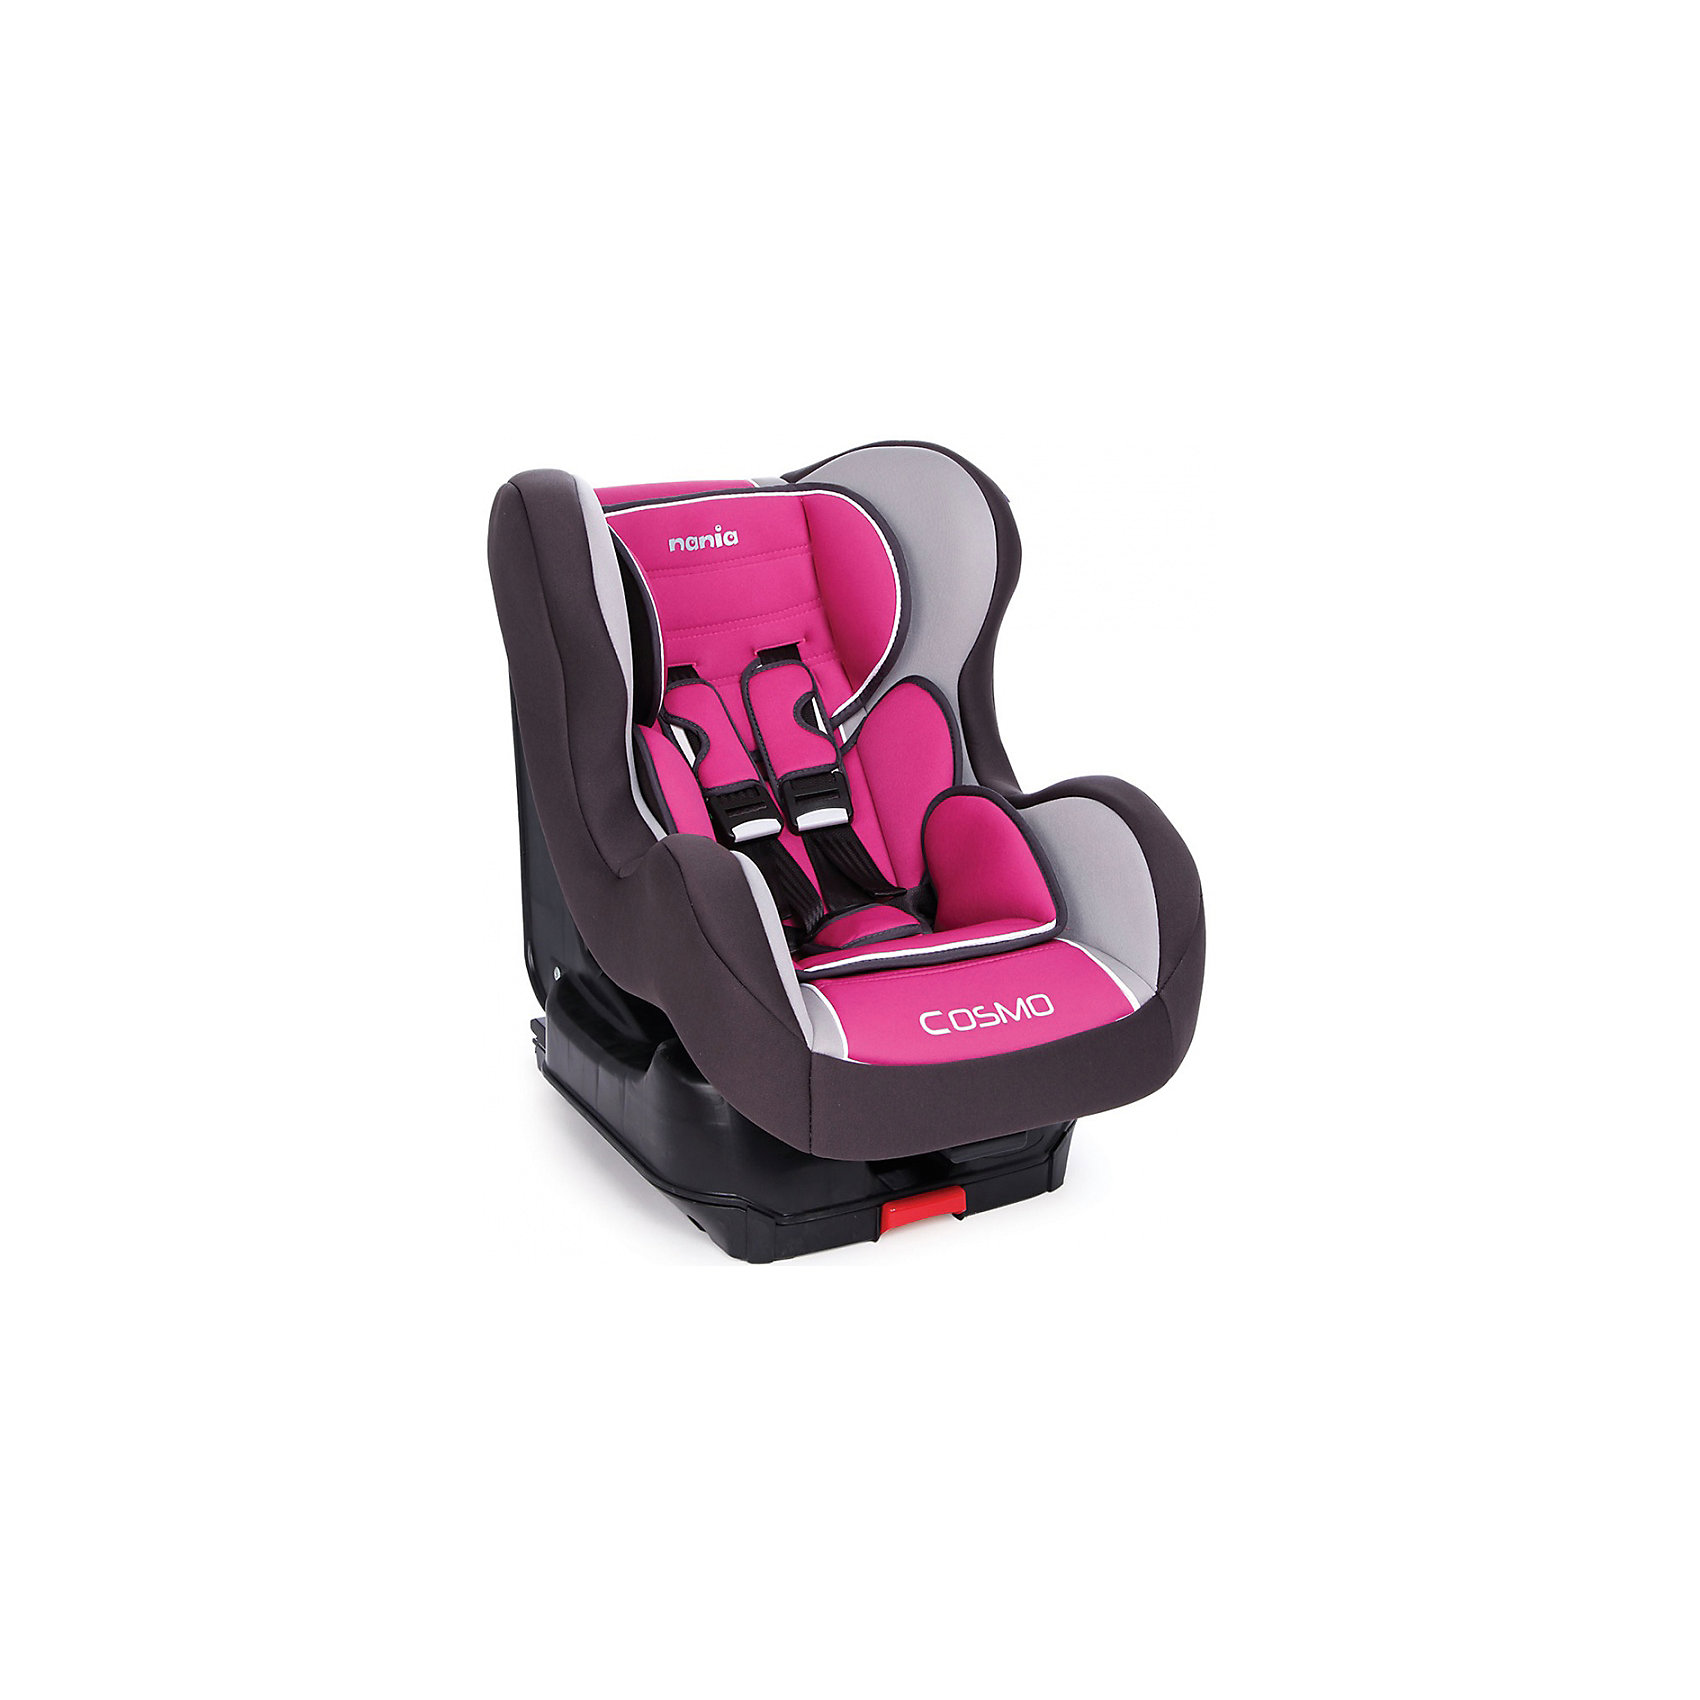 Автокресло COSMO SP isofix 9-18 кг, AGORA FRAMBOISE, Nania, розовыйАвтокресло обеспечит сто процентную безопасность и комфортную посадку ребенка в автомобиле!<br>К сиденью кресло крепится автомобильными ремнями, а также имеет собственные пятиточечные ремни безопасности. У спинки кресла есть возможность регулировать наклон и имеются противоударные боковые стенки. <br>При необходимости чехол легко снимается и стирается.<br><br>Характеристики:<br>- Группа 0+/1 ( от 9 до 18 кг).  <br>- Установка лицом по ходу движения на заднем сиденье. <br>- Способ крепления в автомобиле Isofix. <br>- Спинка сиденья имеет 5 положений наклона. <br>- Дополнительные подушки 2 шт. <br>- 5-точечные ремни, со звуковым оповещением. <br>- Приятный материал ткани обивки.<br><br>Дополнительная информация:<br><br>- Возраст: от 0 до 4 лет.<br>- Материал: пластик, текстиль.<br>- Цвет: розовый.<br>- Размер упаковки: 60х50х70 см.<br>- Вес в упаковке: 11030 г.<br><br>Купить автокресла COSMO SP isofix 9-18 кг, AGORA FRAMBOISE, в розовом цвете, можно в нашем магазине.<br><br>Ширина мм: 600<br>Глубина мм: 500<br>Высота мм: 700<br>Вес г: 11030<br>Возраст от месяцев: 9<br>Возраст до месяцев: 36<br>Пол: Женский<br>Возраст: Детский<br>SKU: 4828316